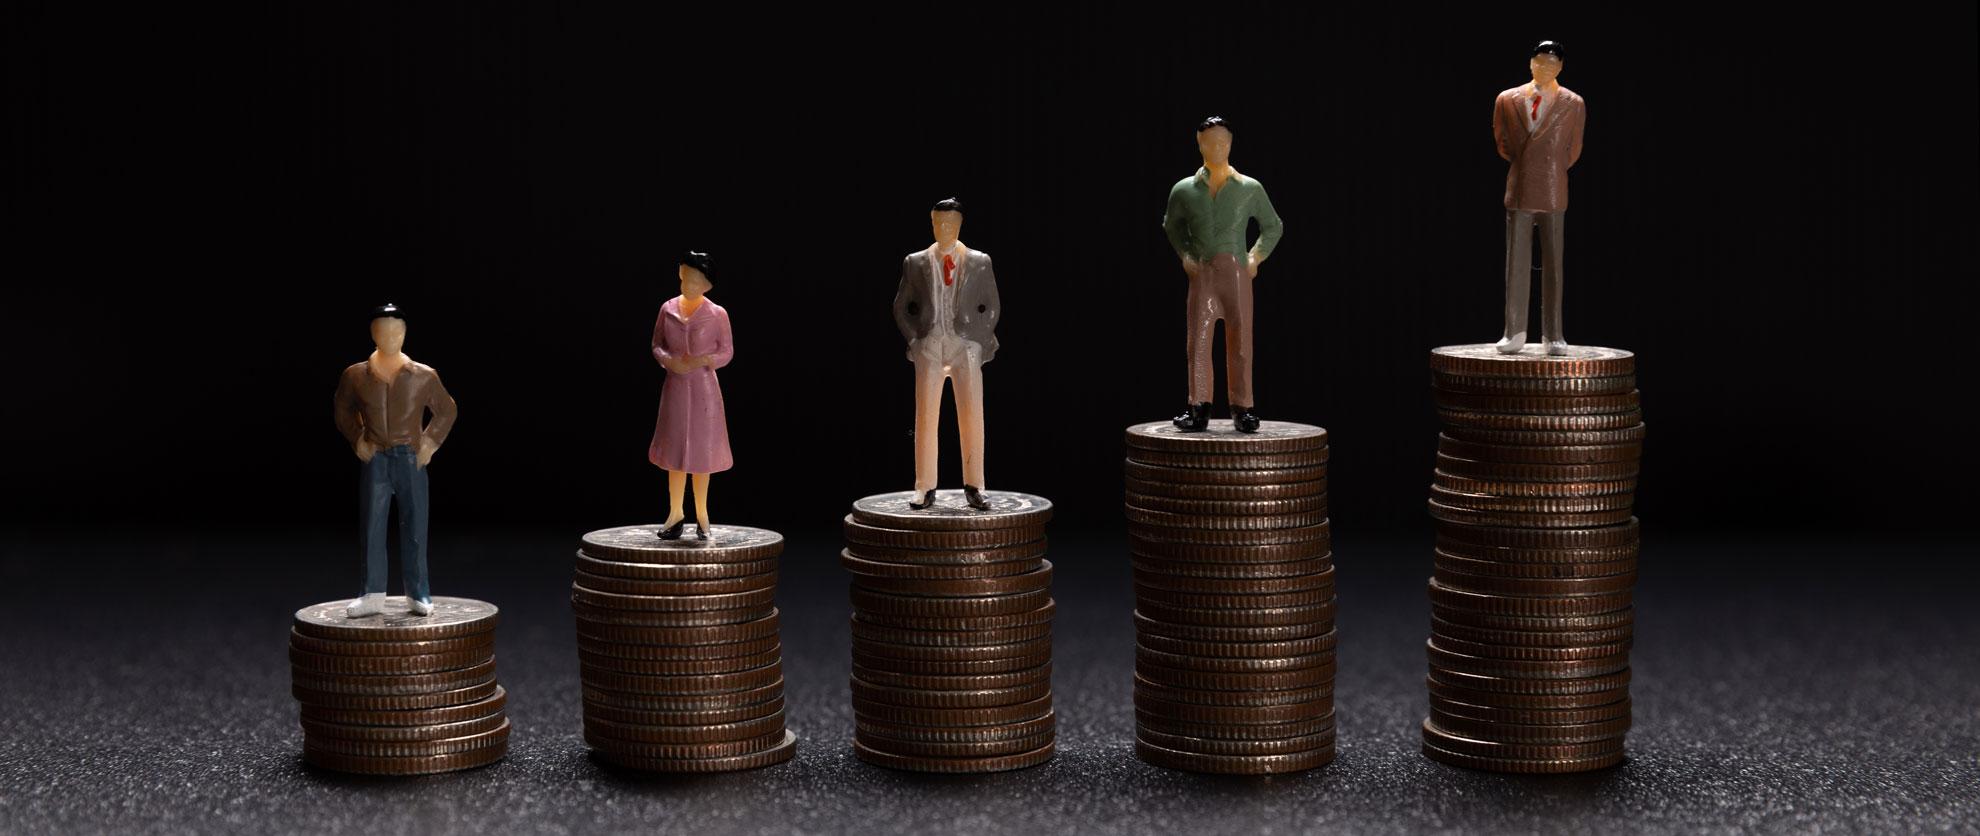 گروه بندی مالیاتی اشخاص حقیقی